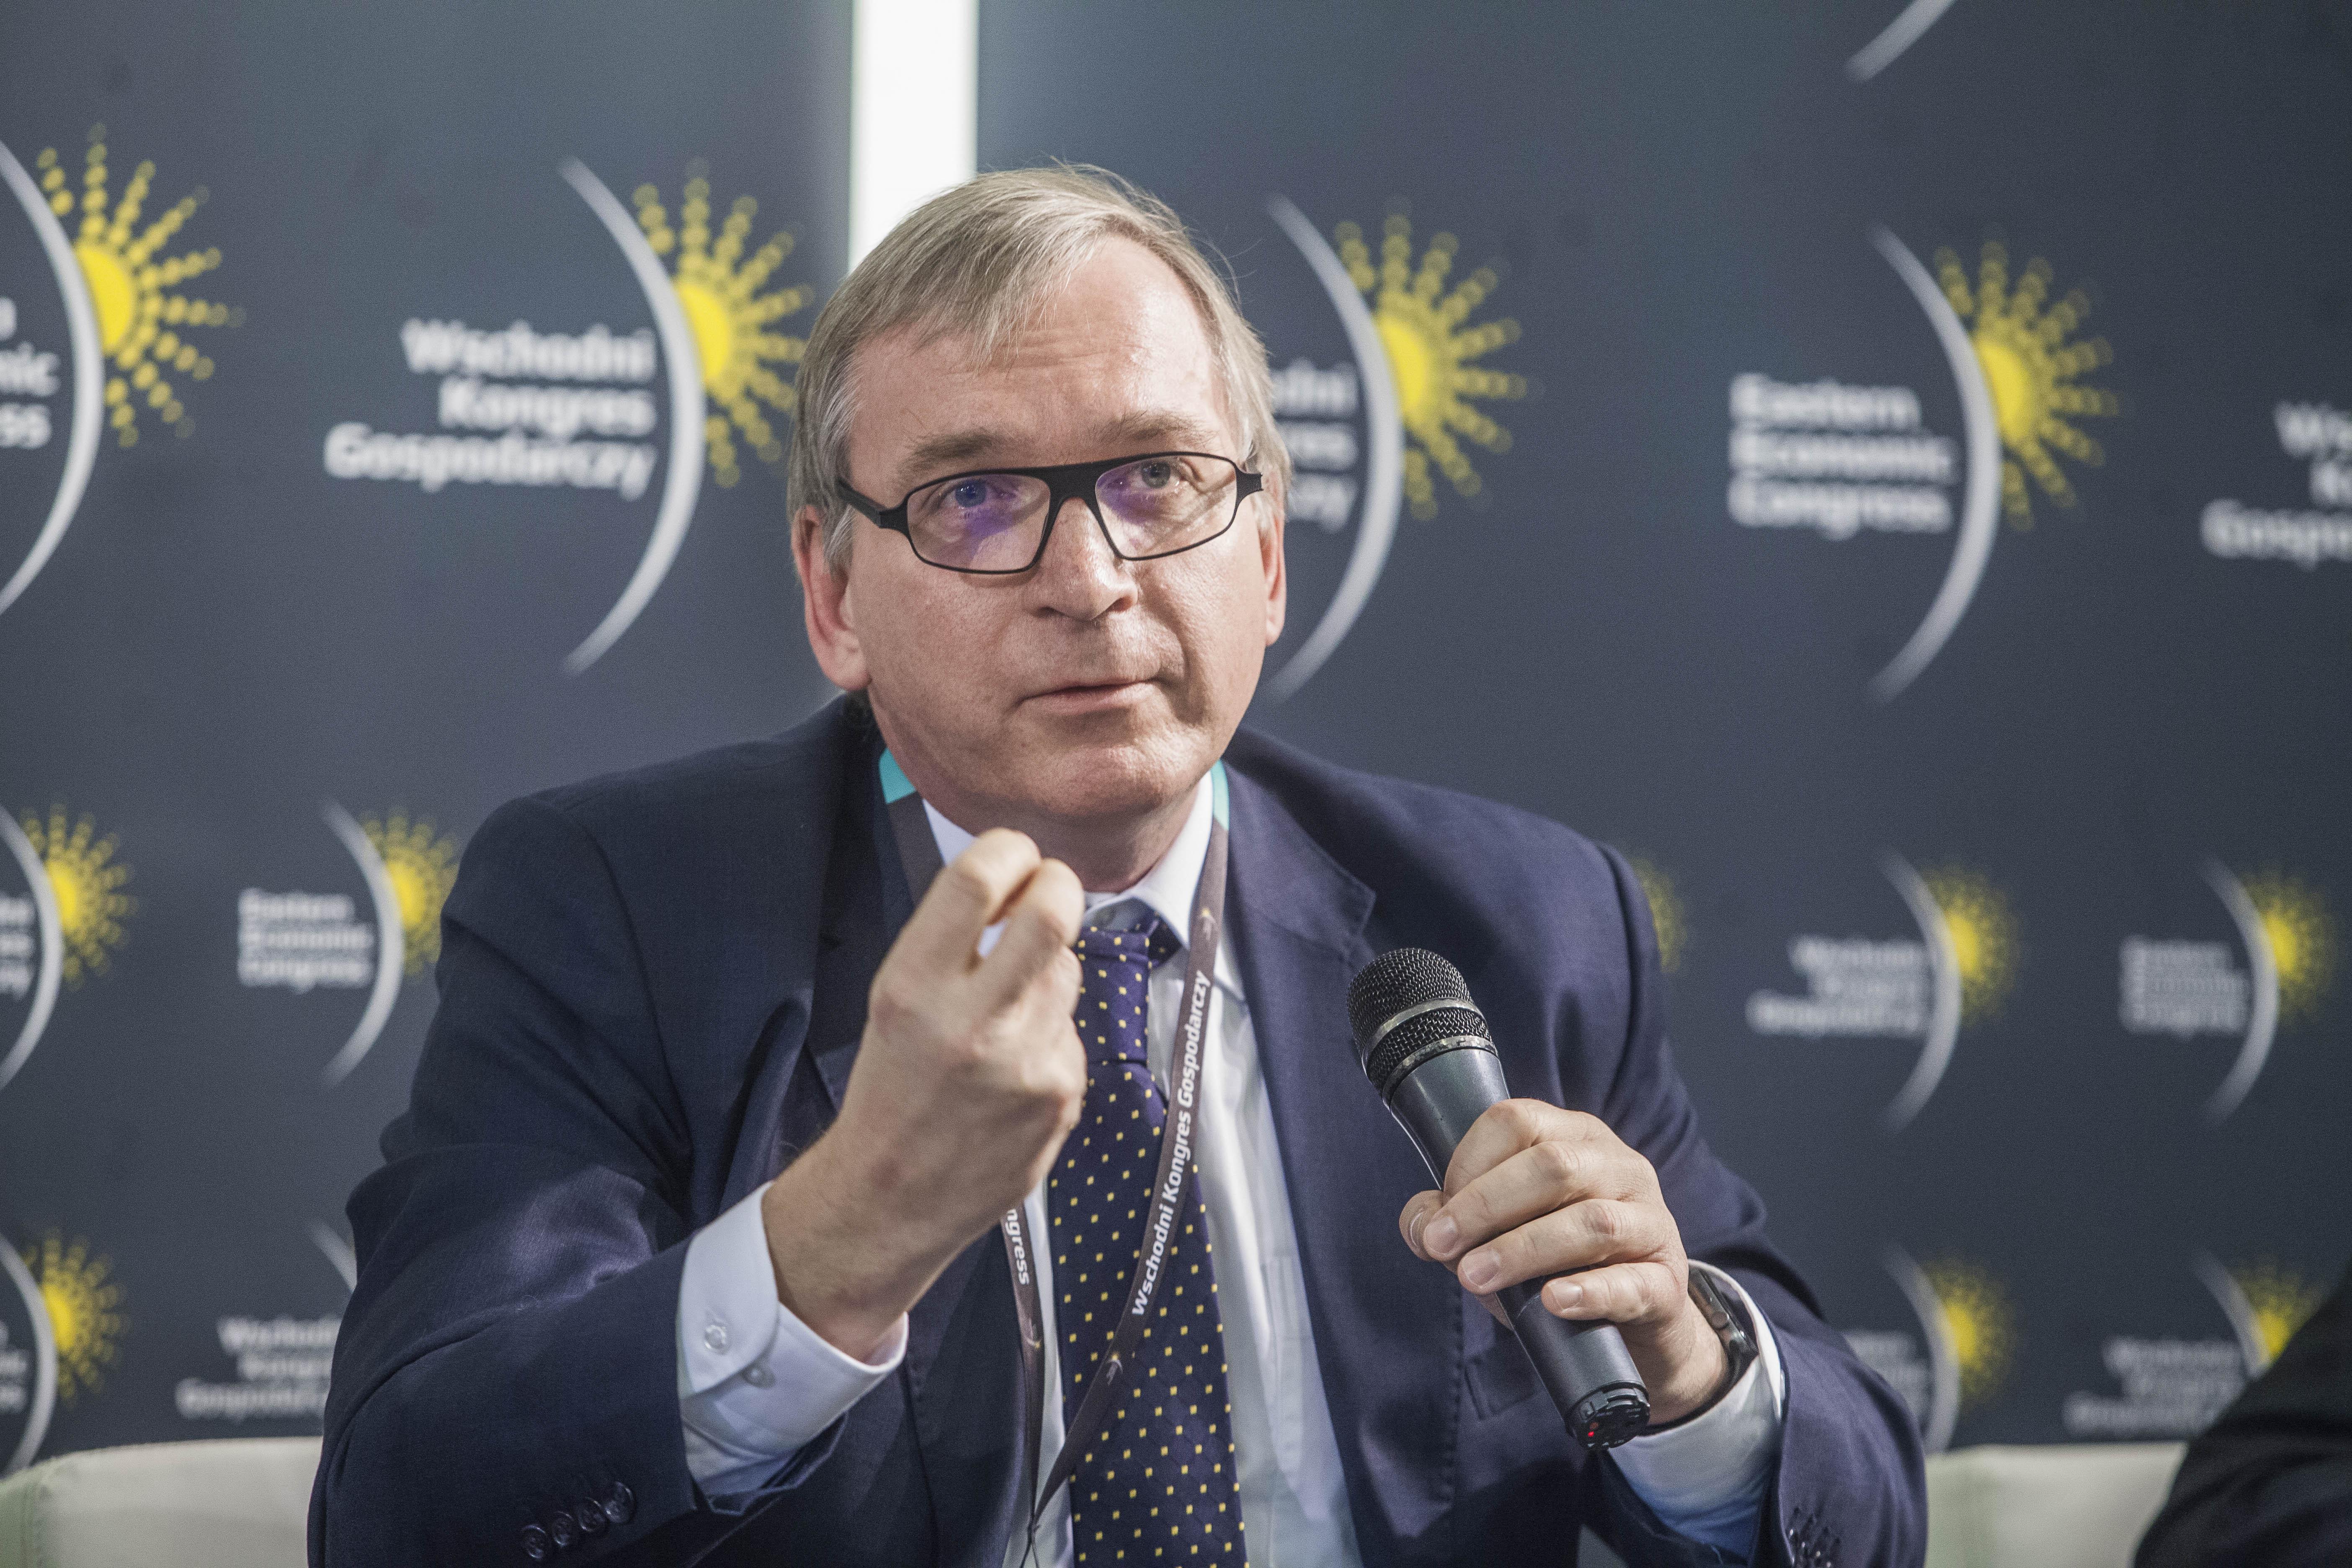 Wolfgang Munch, zastępca dyrektora wydziału ds. Polski w Dyrekcji Generalnej ds. Polityki Regionalnej i Miejskiej Komisji Europejskiej. Fot. PTWP